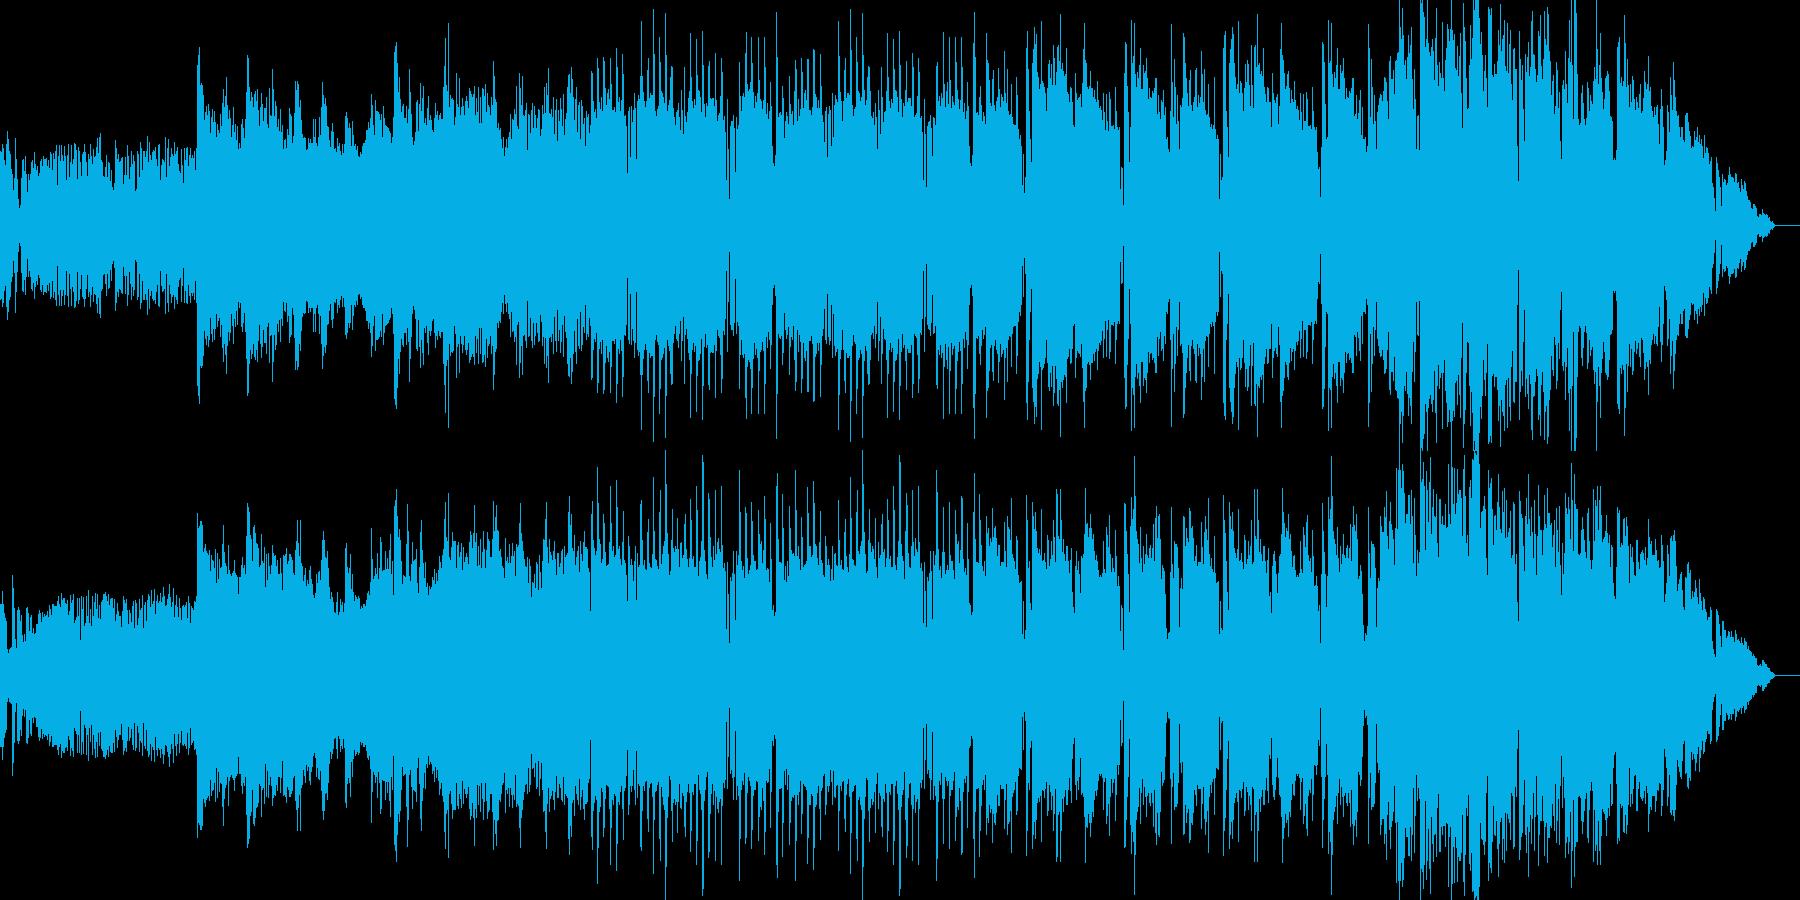 サスペンシブなディープテクノの再生済みの波形